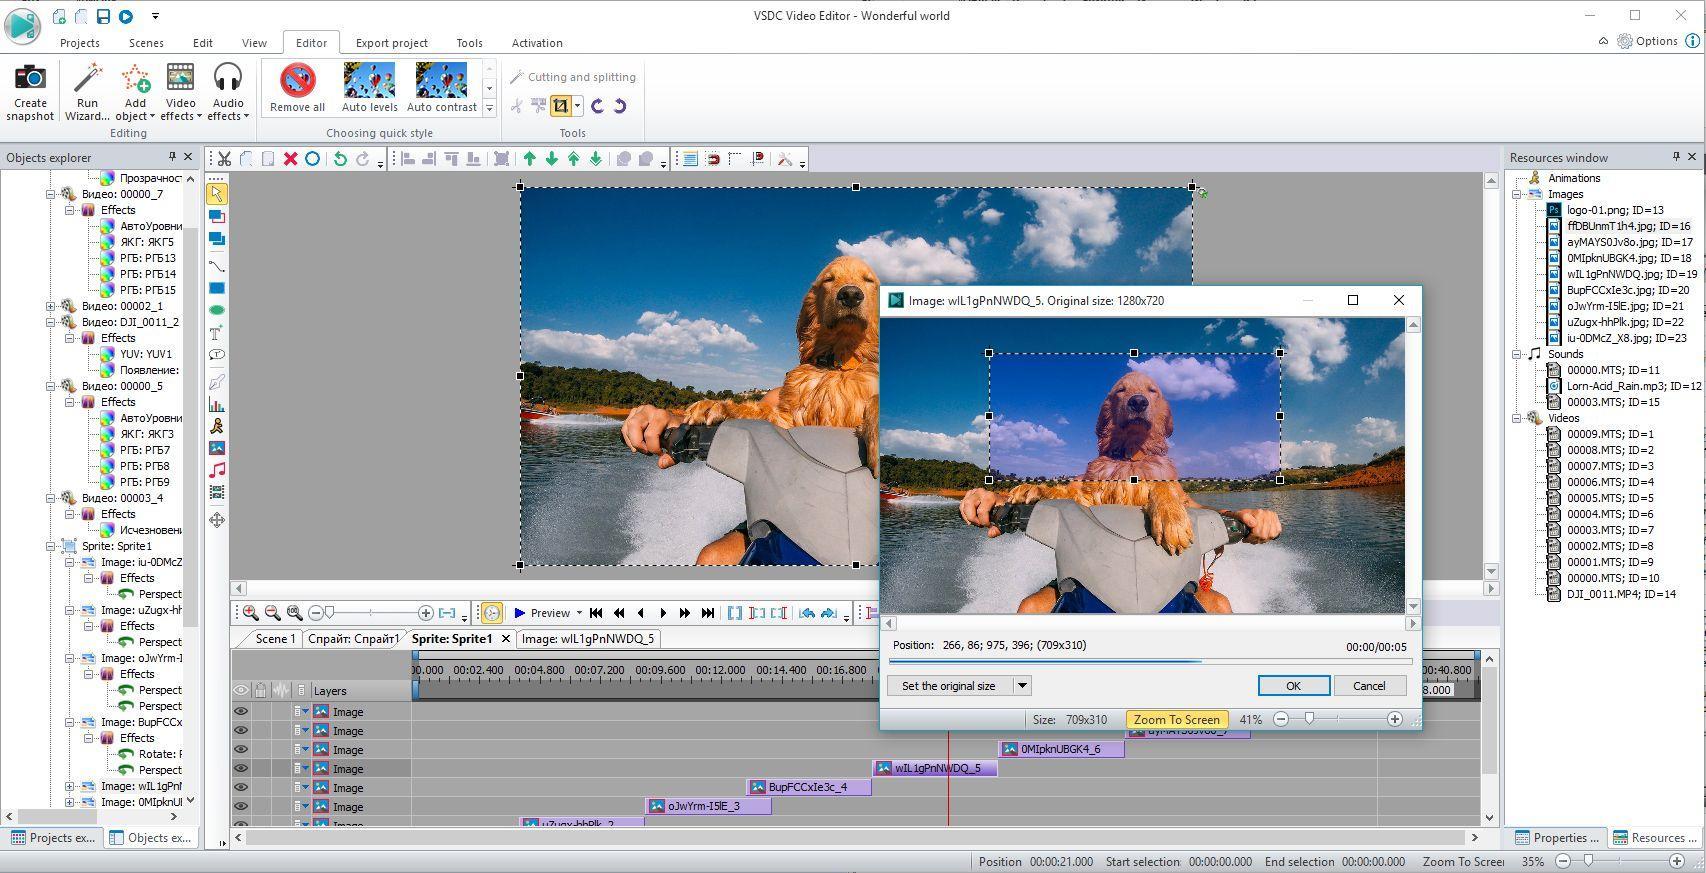 Logiciel VSDC Video Editor PRO  gratuit sur PC (dématérialisé)